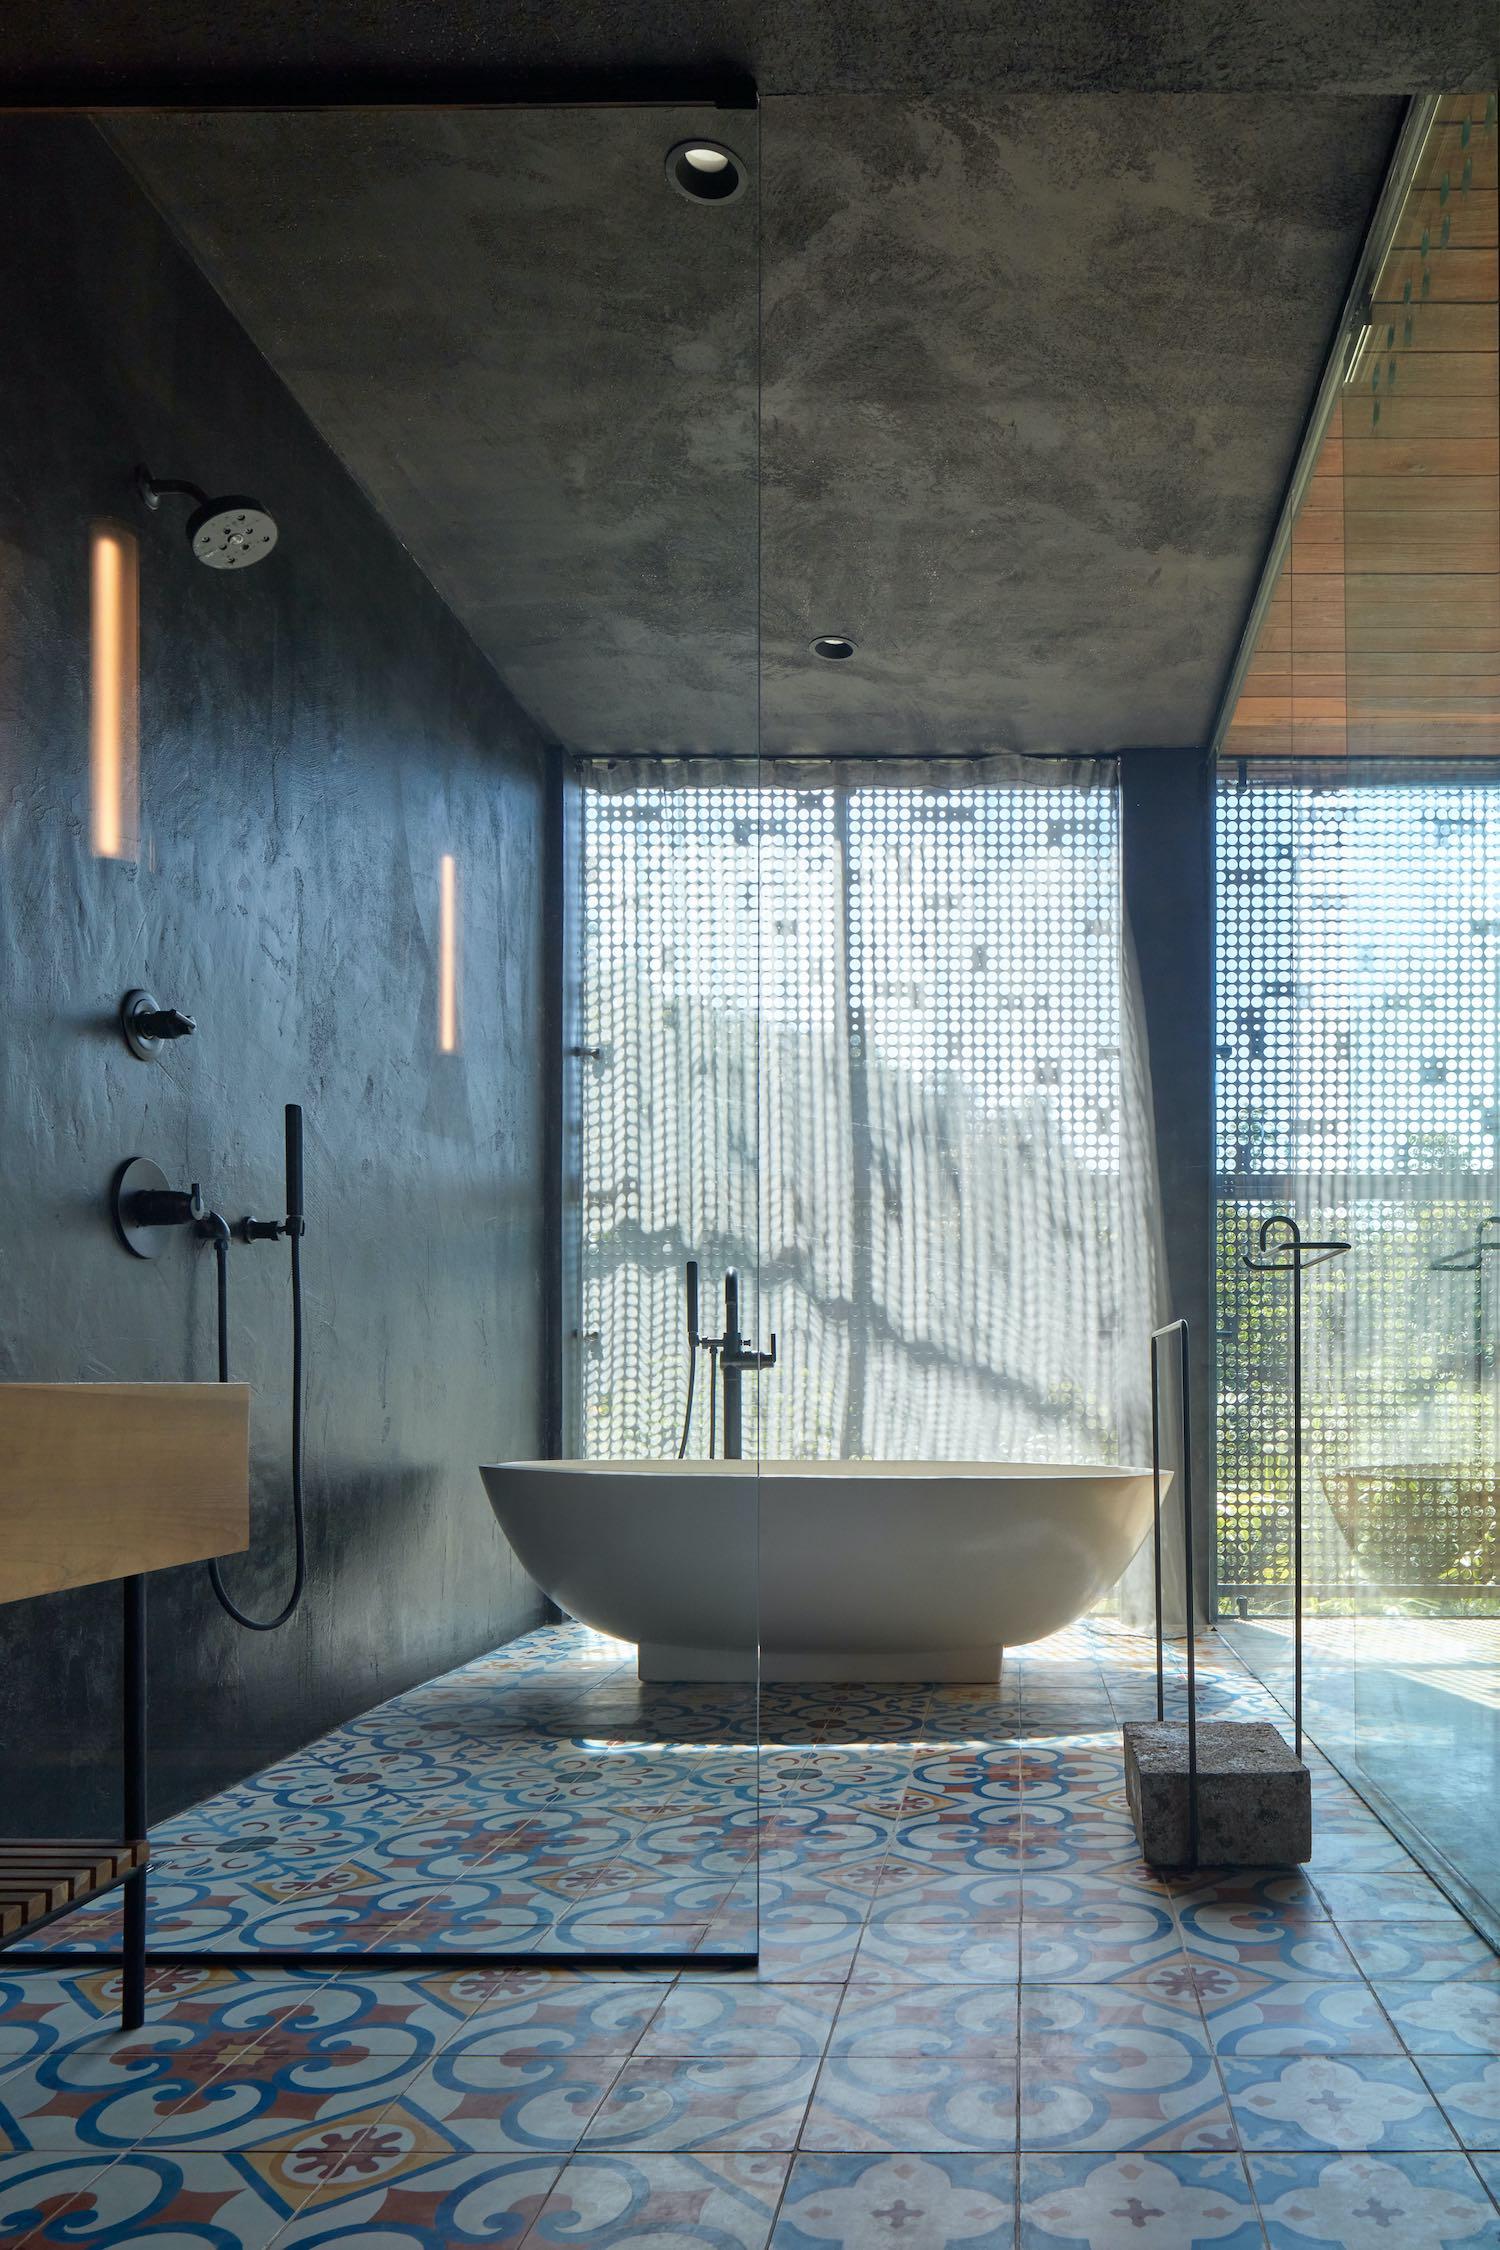 bathtub near windows